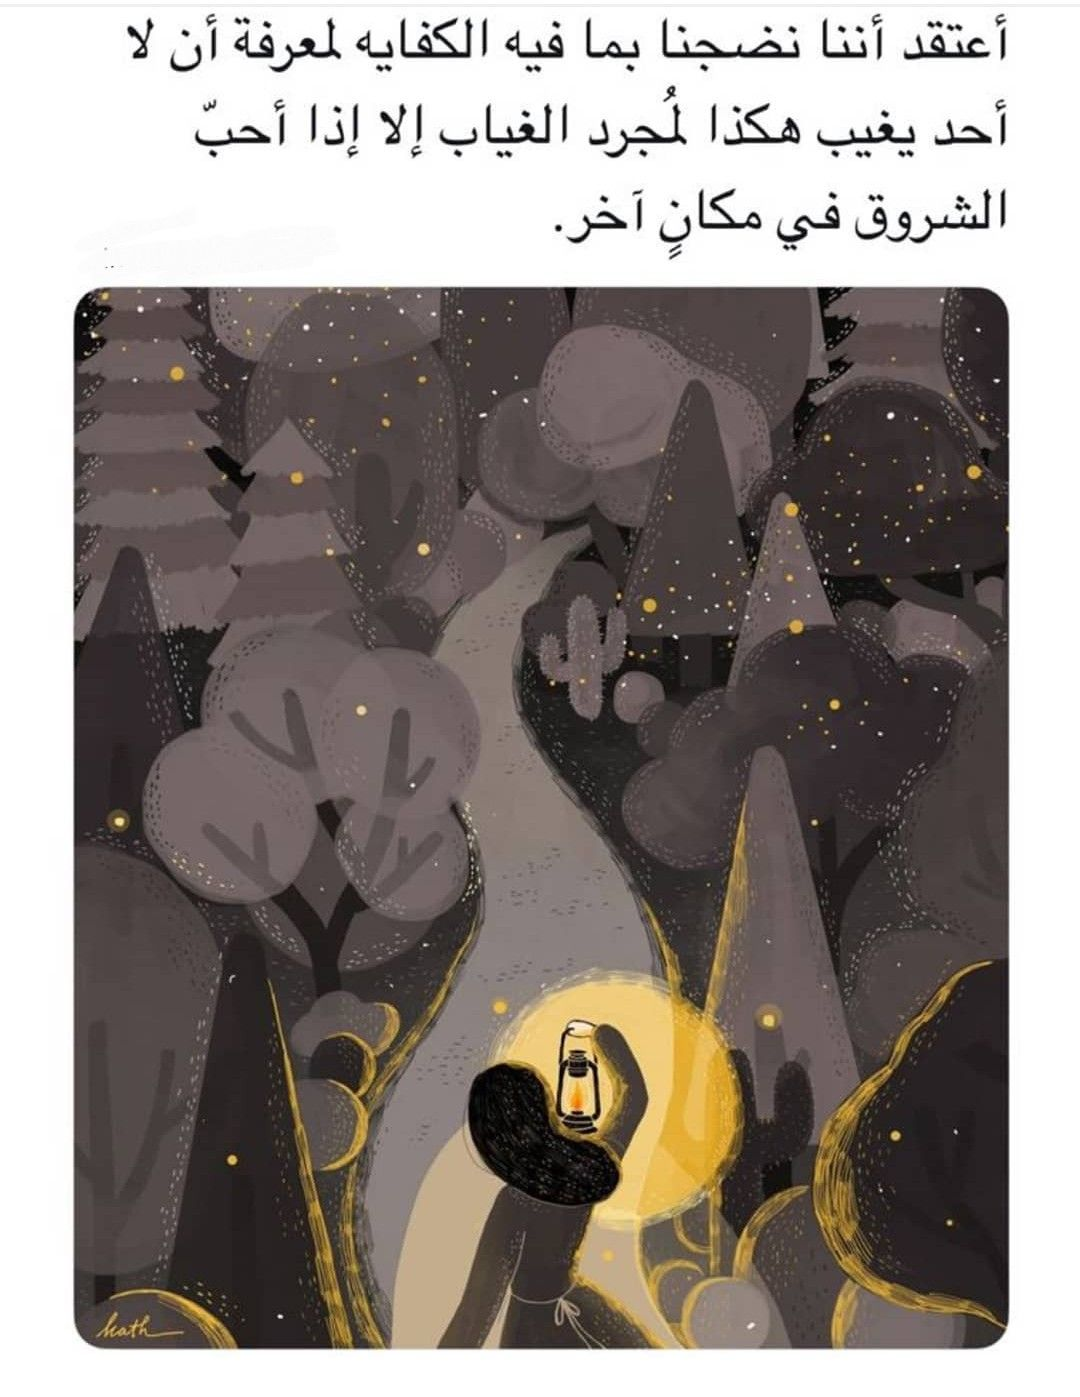 حقيقةالموضوع لا تحتاج الا للصمت و محاربة النفس من جديد Arabic Quotes Words Quotes Forgiveness Quotes